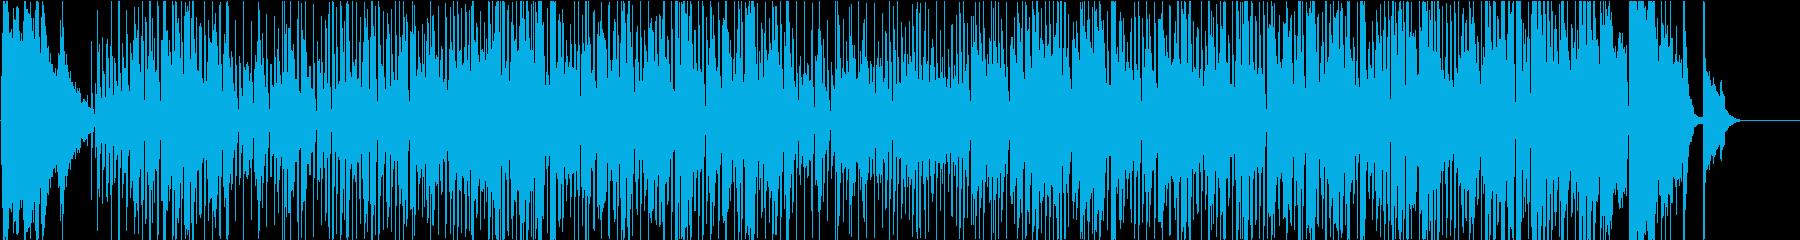 ギャグ向きのコミカルなジプシー・スイングの再生済みの波形